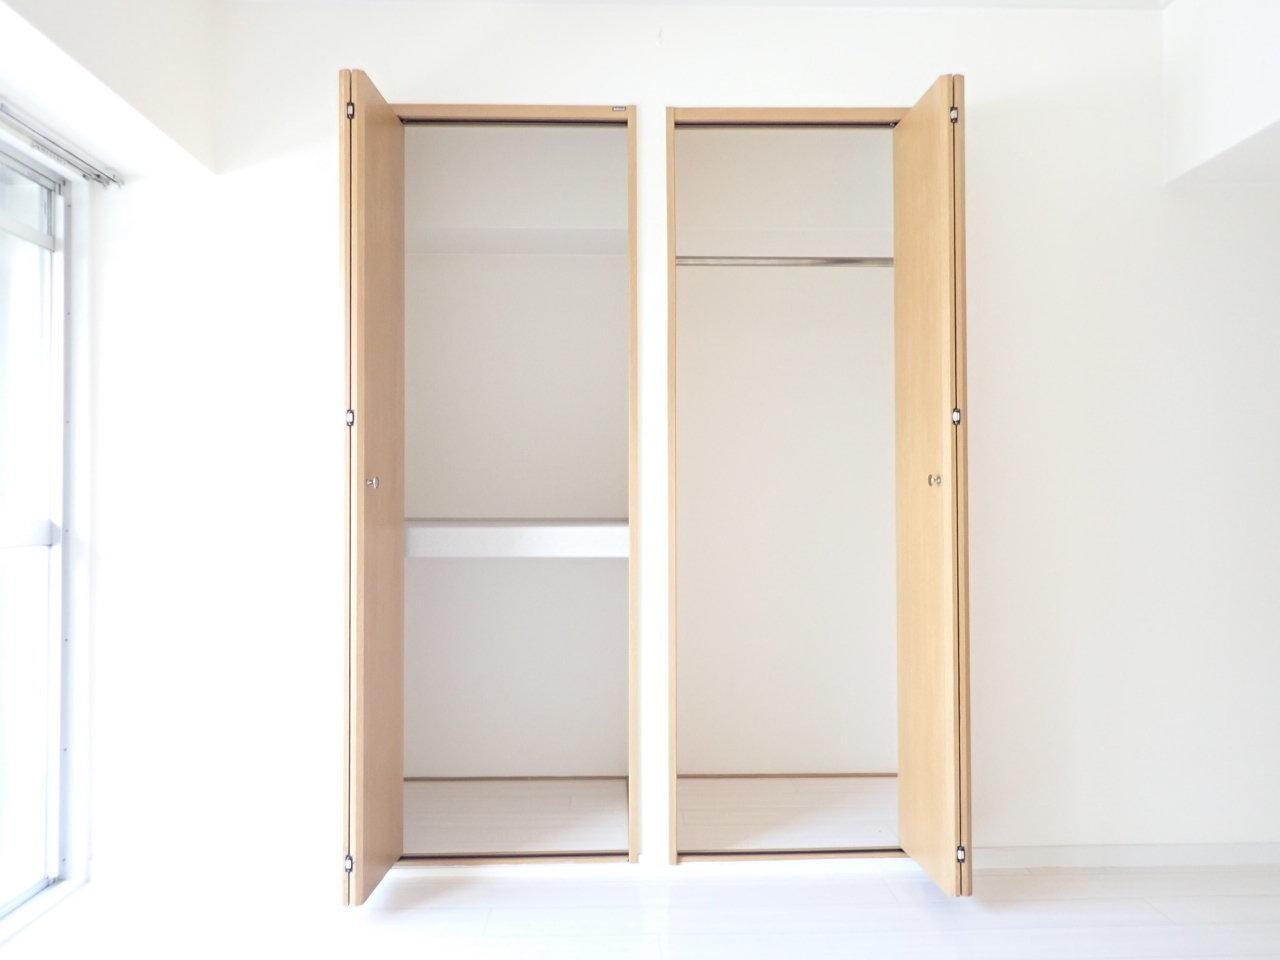 収納スペースは、上下2段に分かれているタイプと、コートなど長めの丈のものも収納できるタイプがあります。ここにはあまり見せたくないものを、それ以外はリビングに置きましょう。